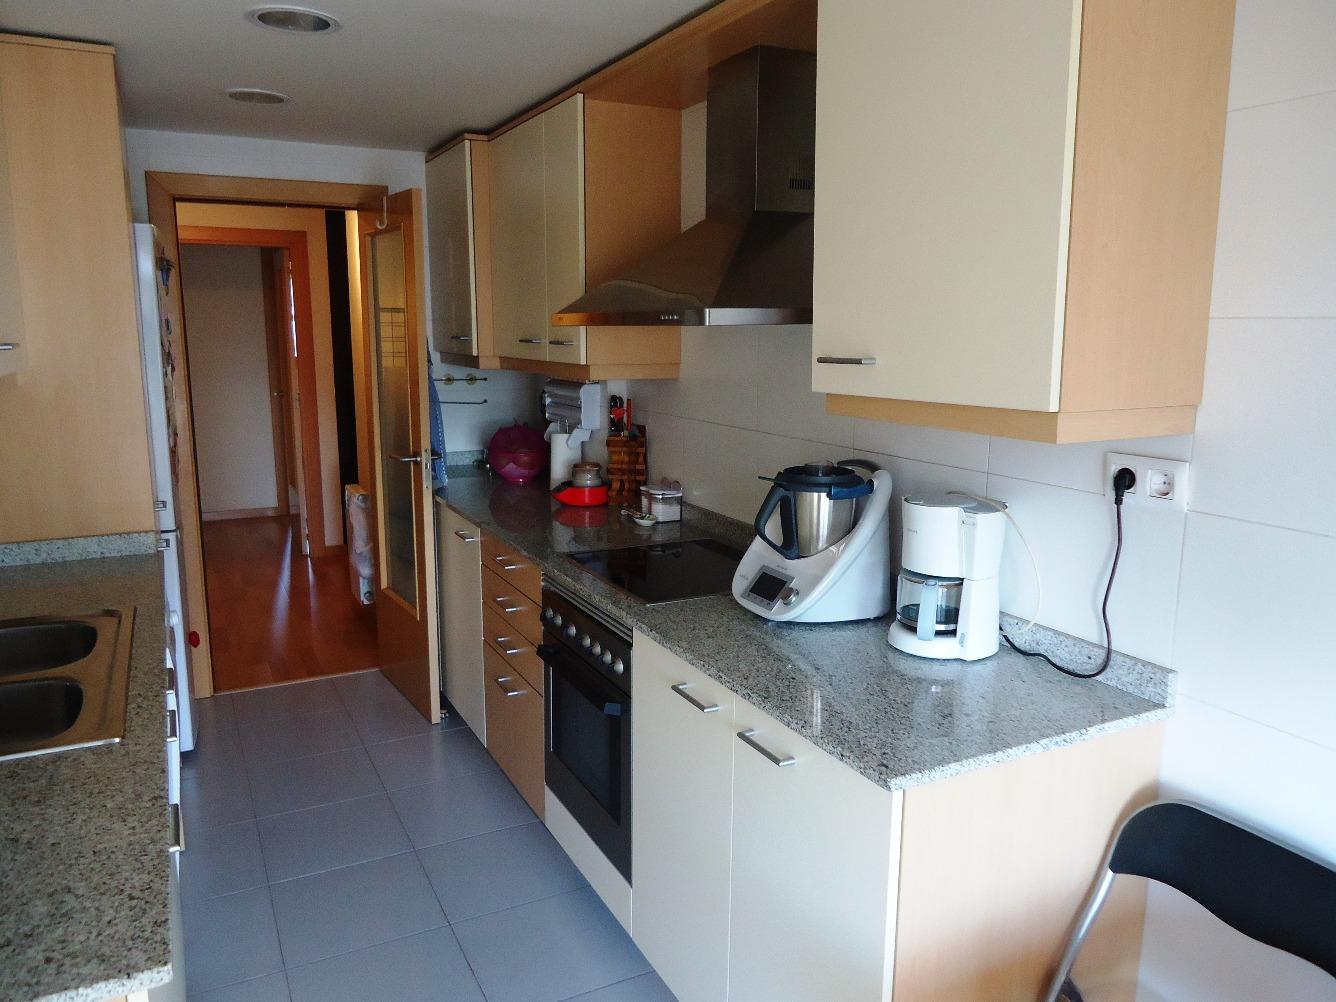 Pis  Barberà del vallès - barri antic. House solutions vende magnifico piso con zona comunitaria y gara